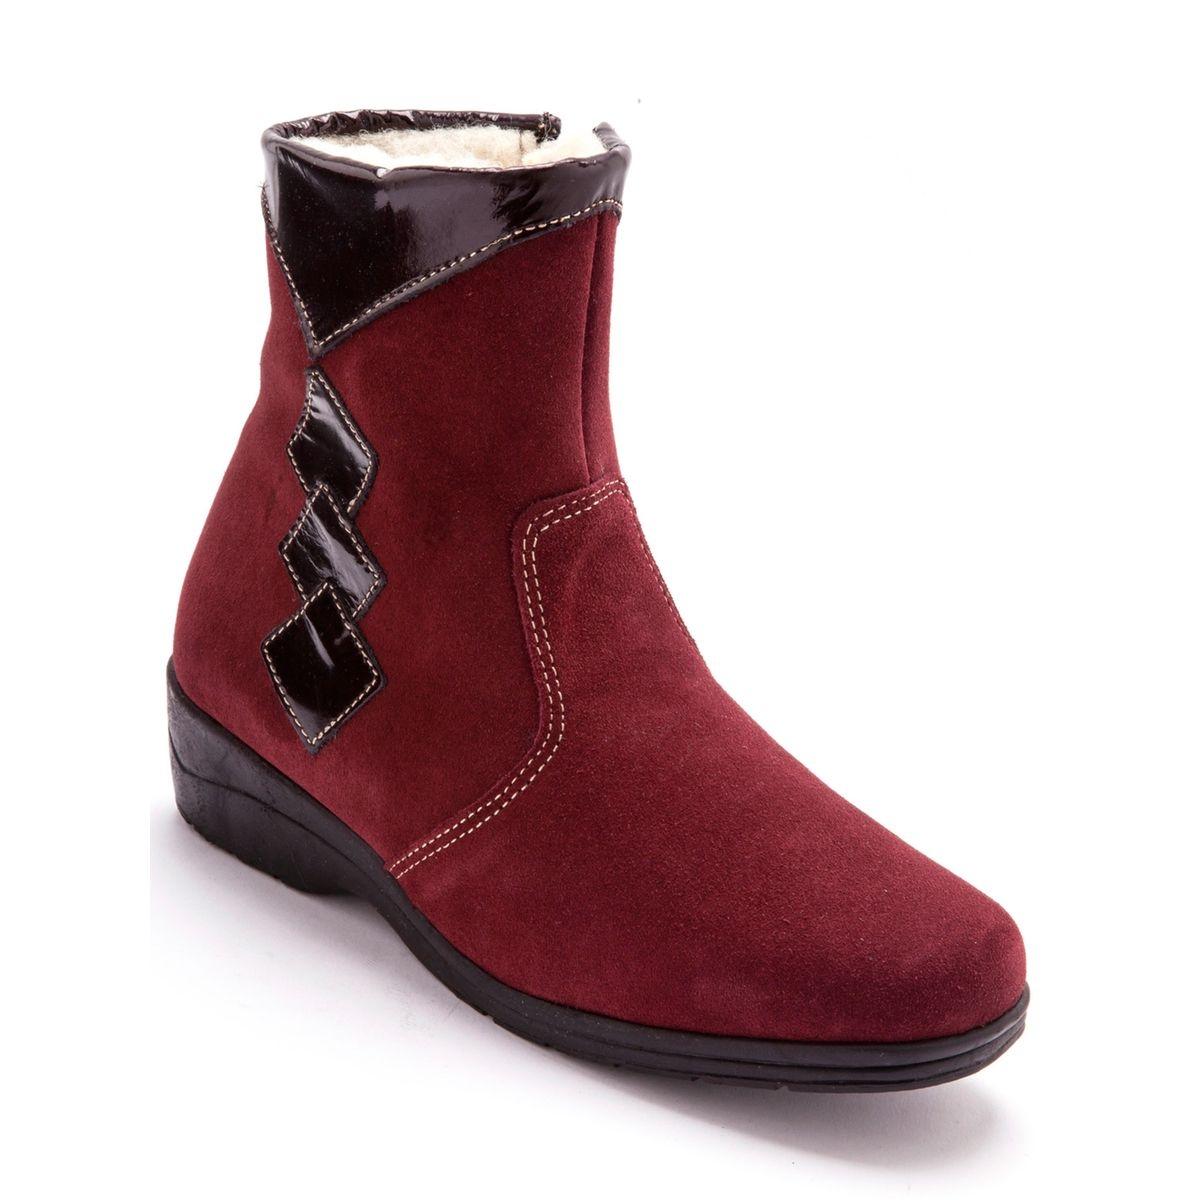 Boots en cuir, fourrés pure laine